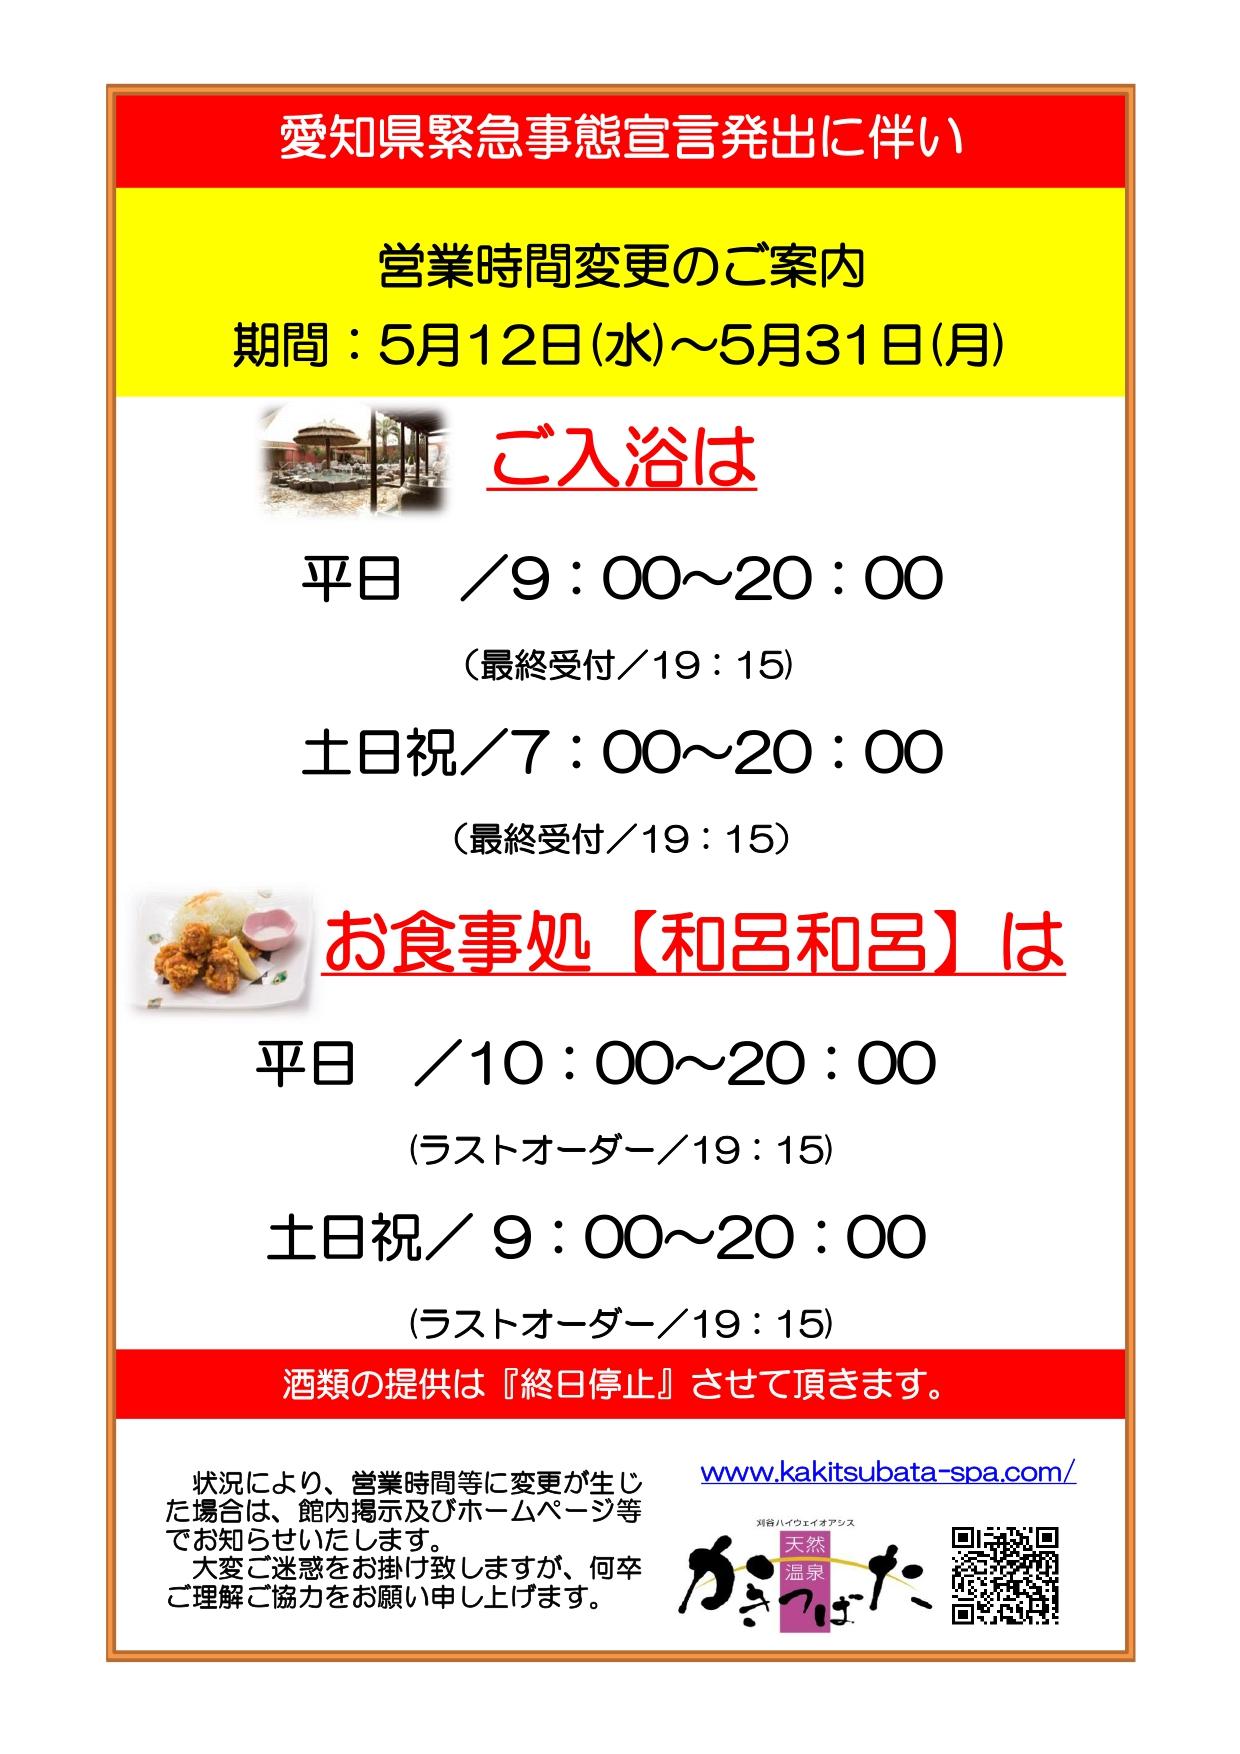 愛知県緊急事態宣言に伴う、営業時間変更のお知らせ。